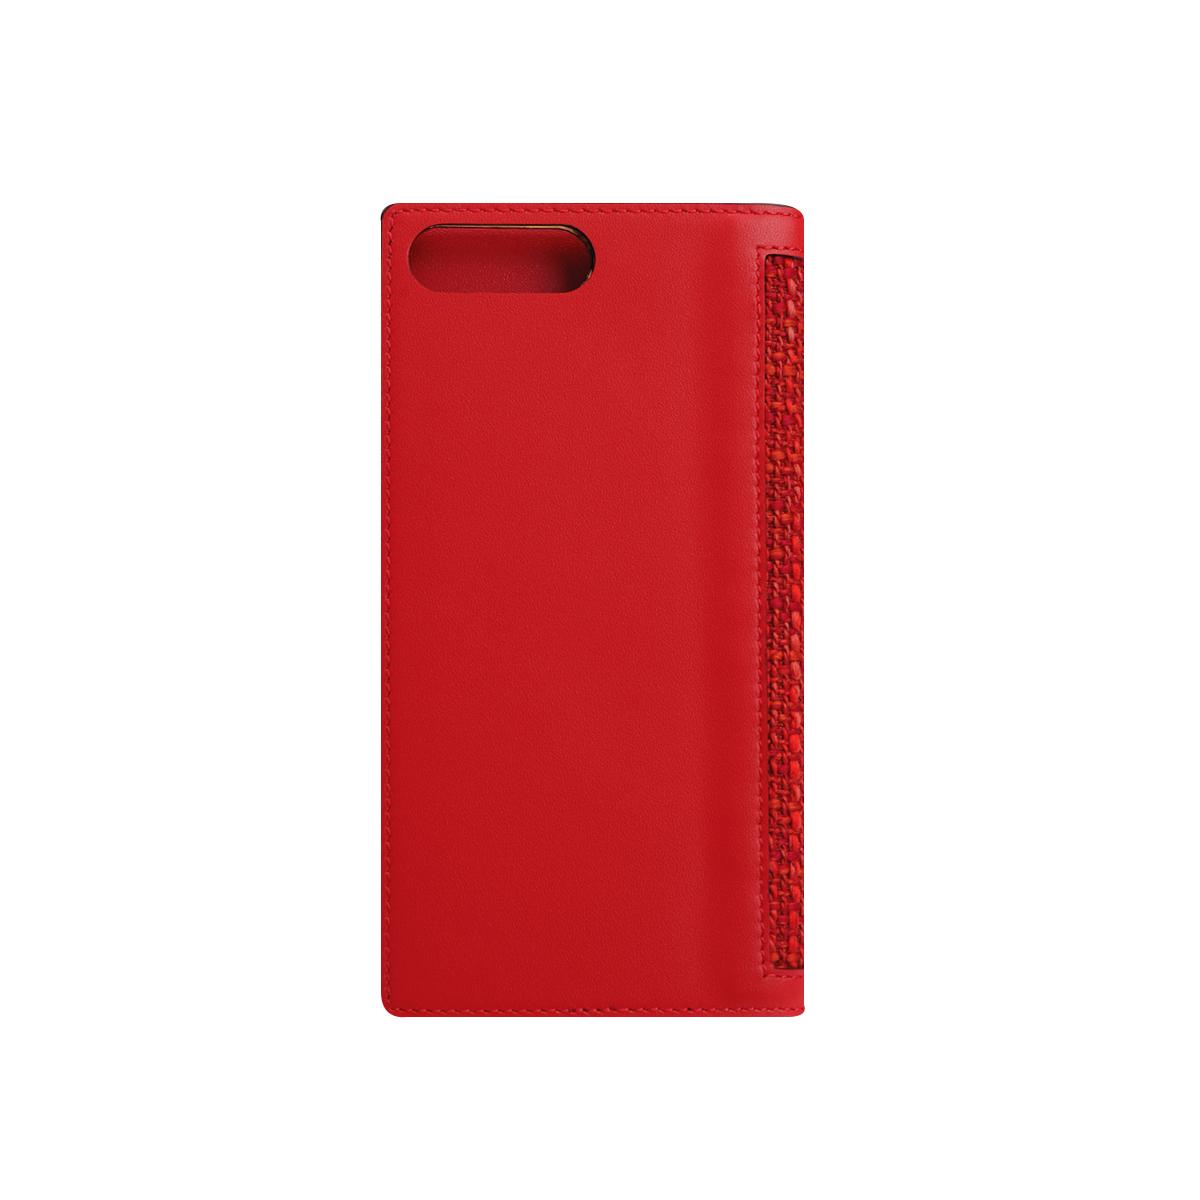 iPhone 8 Plus / 7 Plus ケース 手帳型 SLG Design Edition Calf Skin Leather Diary (エスエルジーデザイン エディション カーフスキンレザーダイアリー)アイフォン 本革 カバー